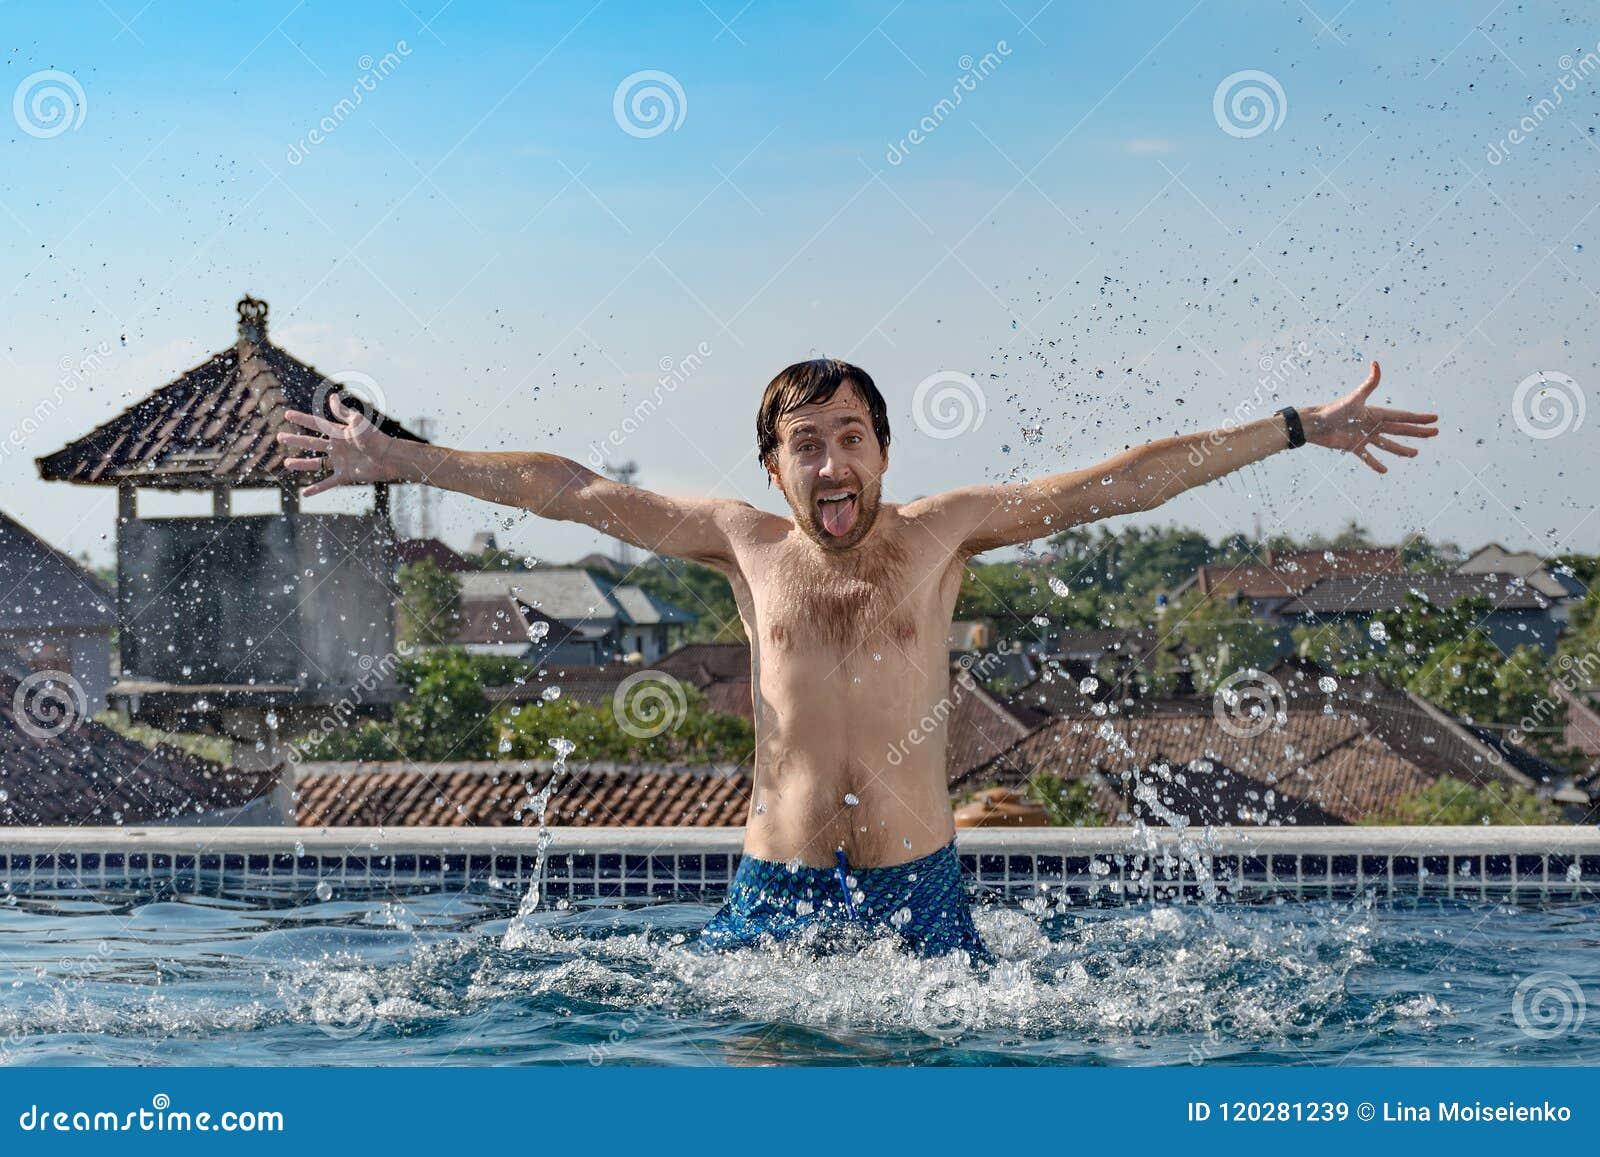 Το πορτρέτο του χαρούμενου λεπτού ατόμου με τη θωρακική τρίχα, προκύπτει από τη λίμνη, παφλασμοί νερού, παρουσιάζει τη γλώσσα και